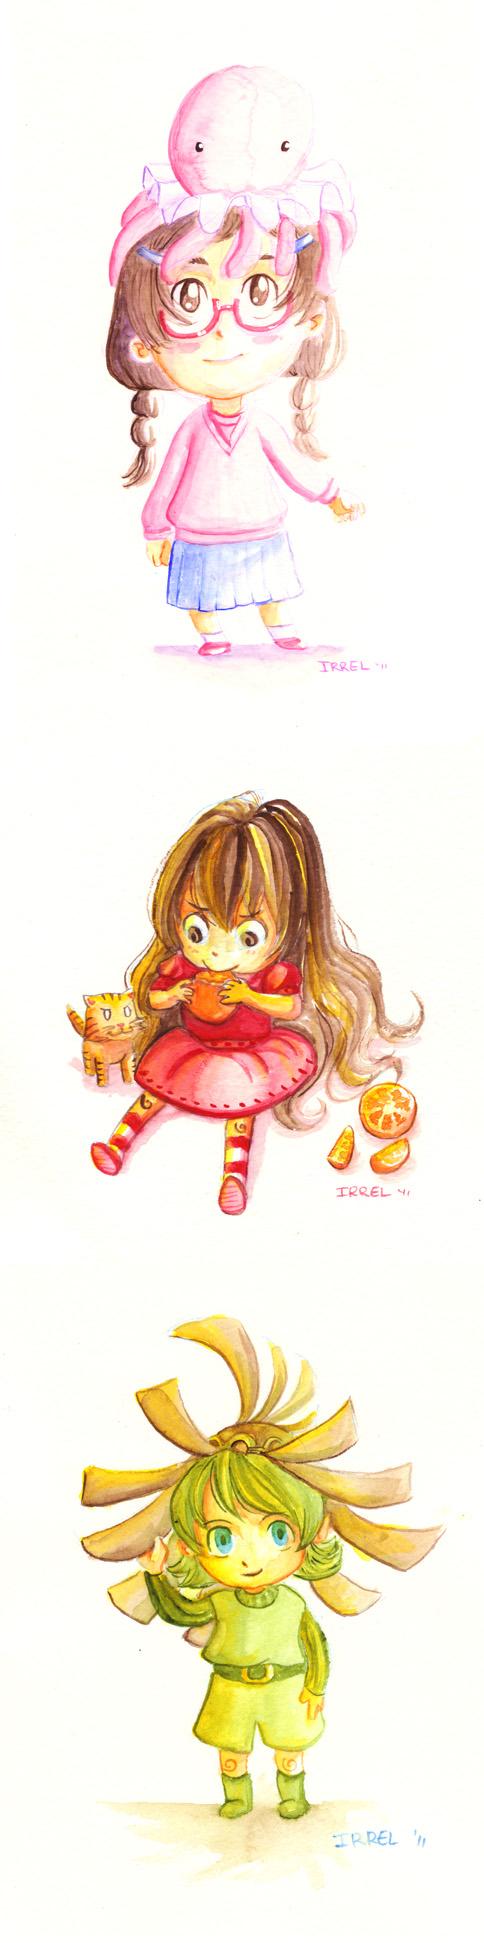 Cuties - Watercolor by Irrel